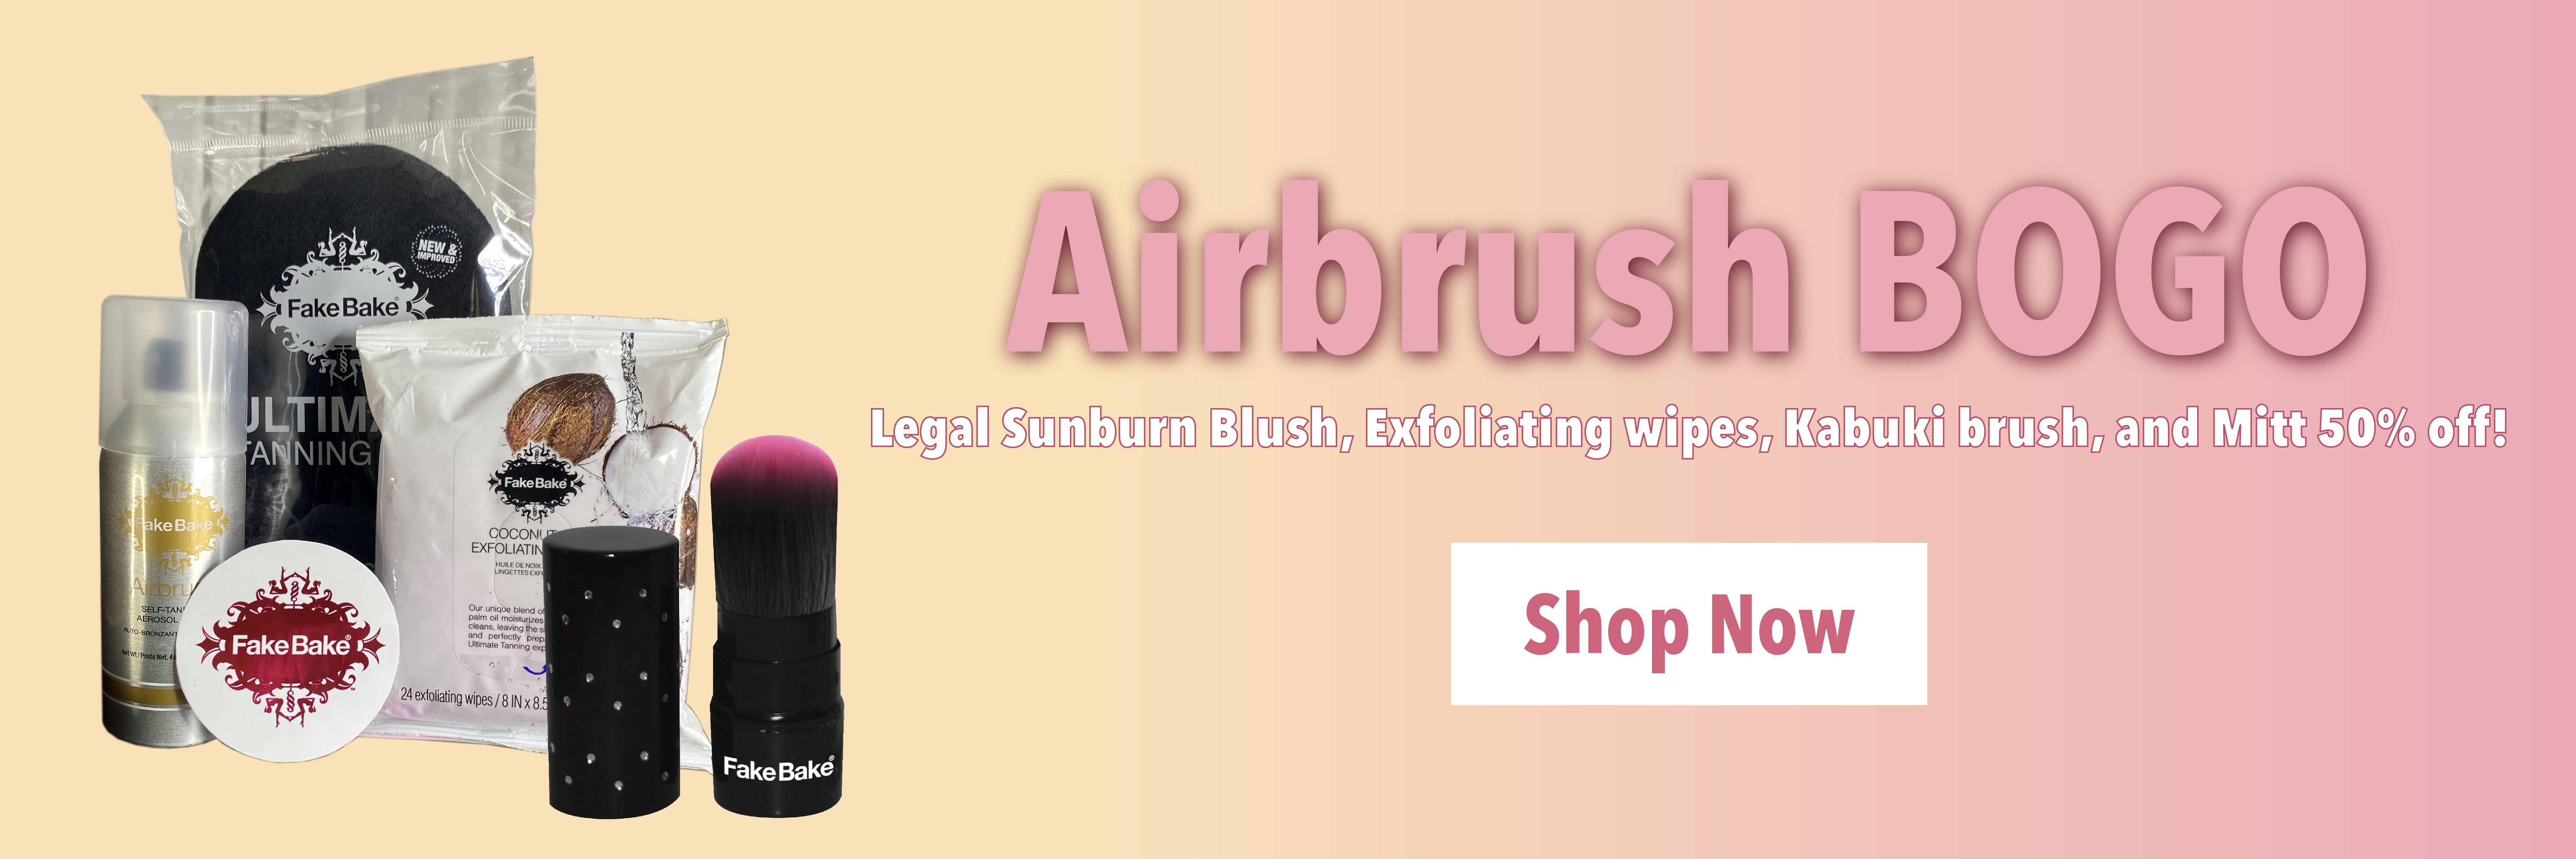 Airbrush BOGO Free Plus More Savings